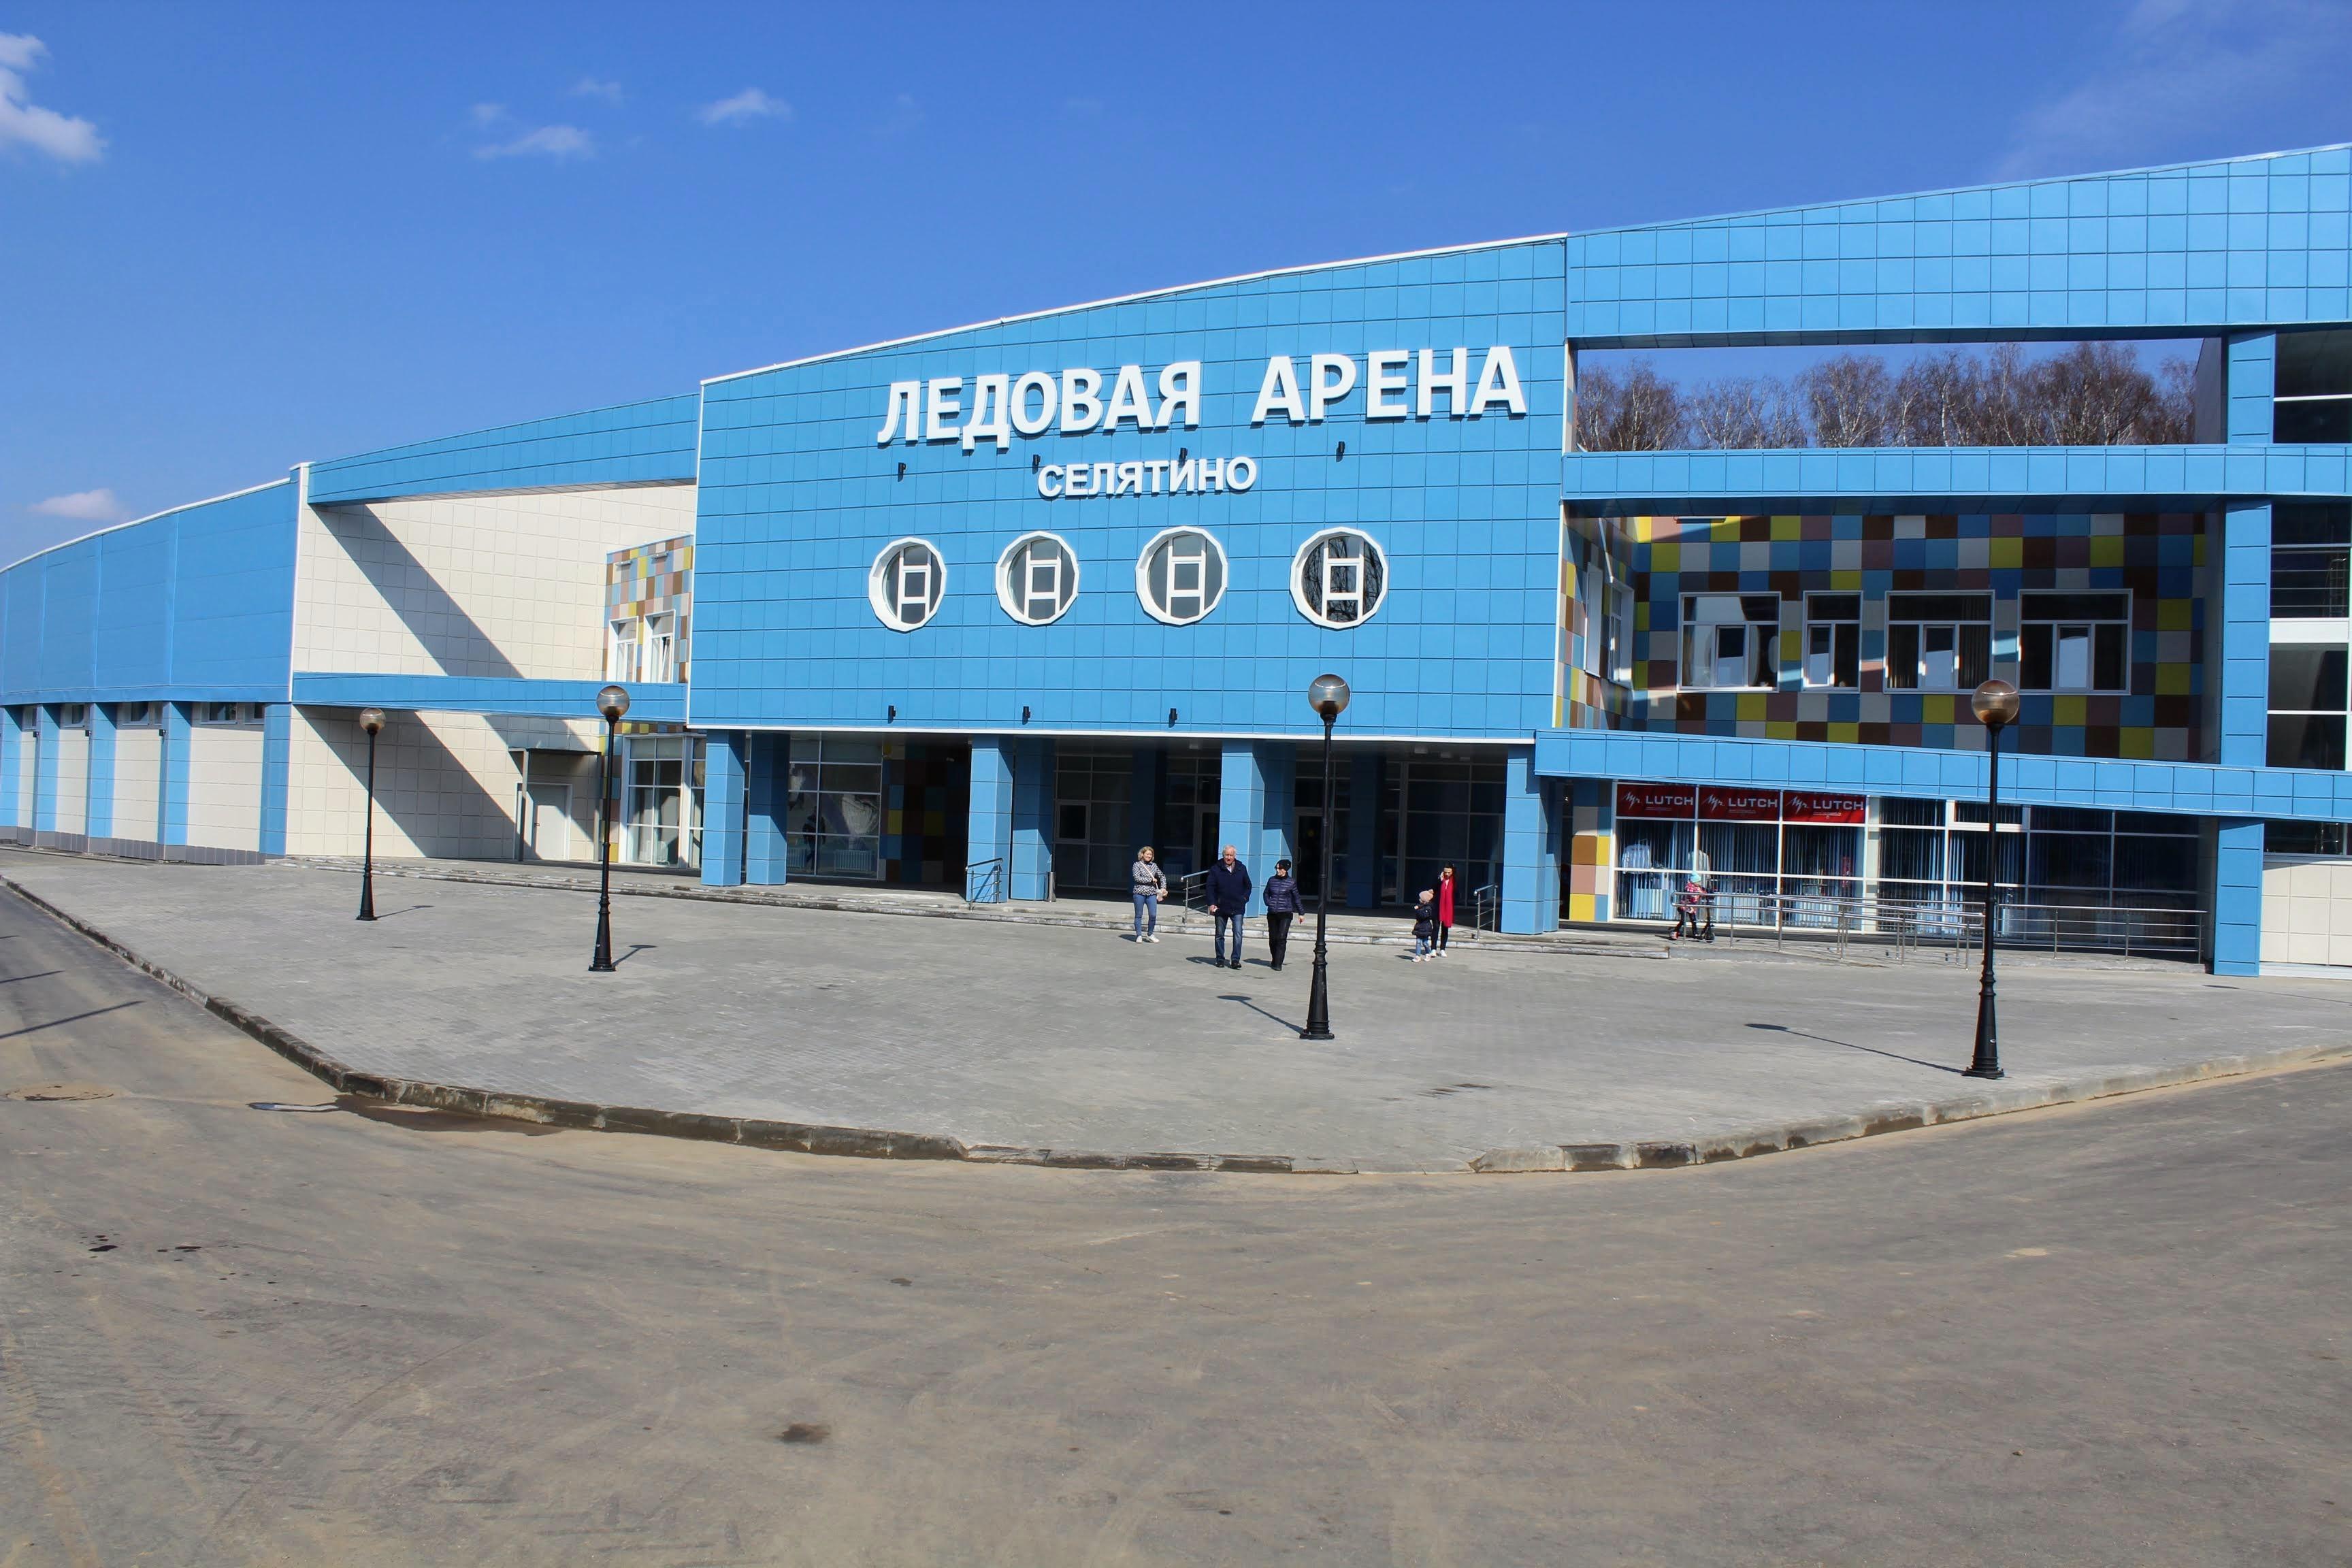 Ледовый дворец Селятино назвали именем легендарного советского хоккеиста